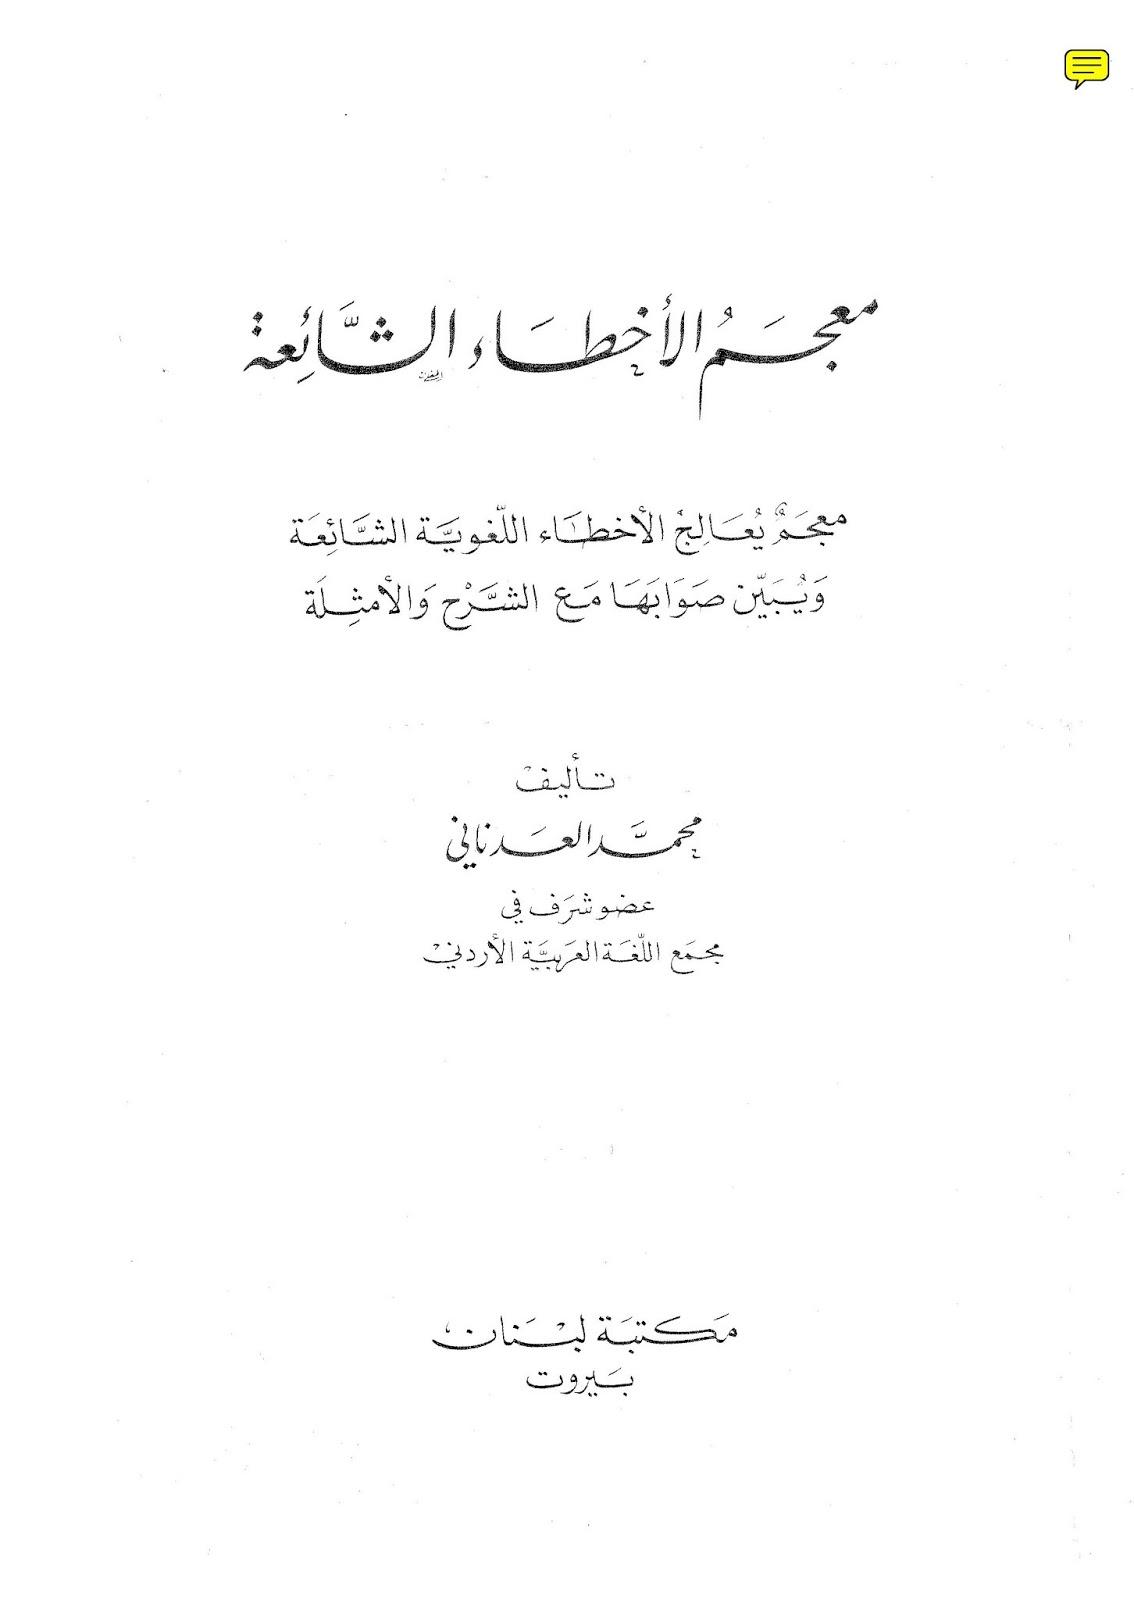 معجم يعالج الأخطاء اللغوية الشائعة ويبين ضوابها مع الشرح والأمثالة pdf